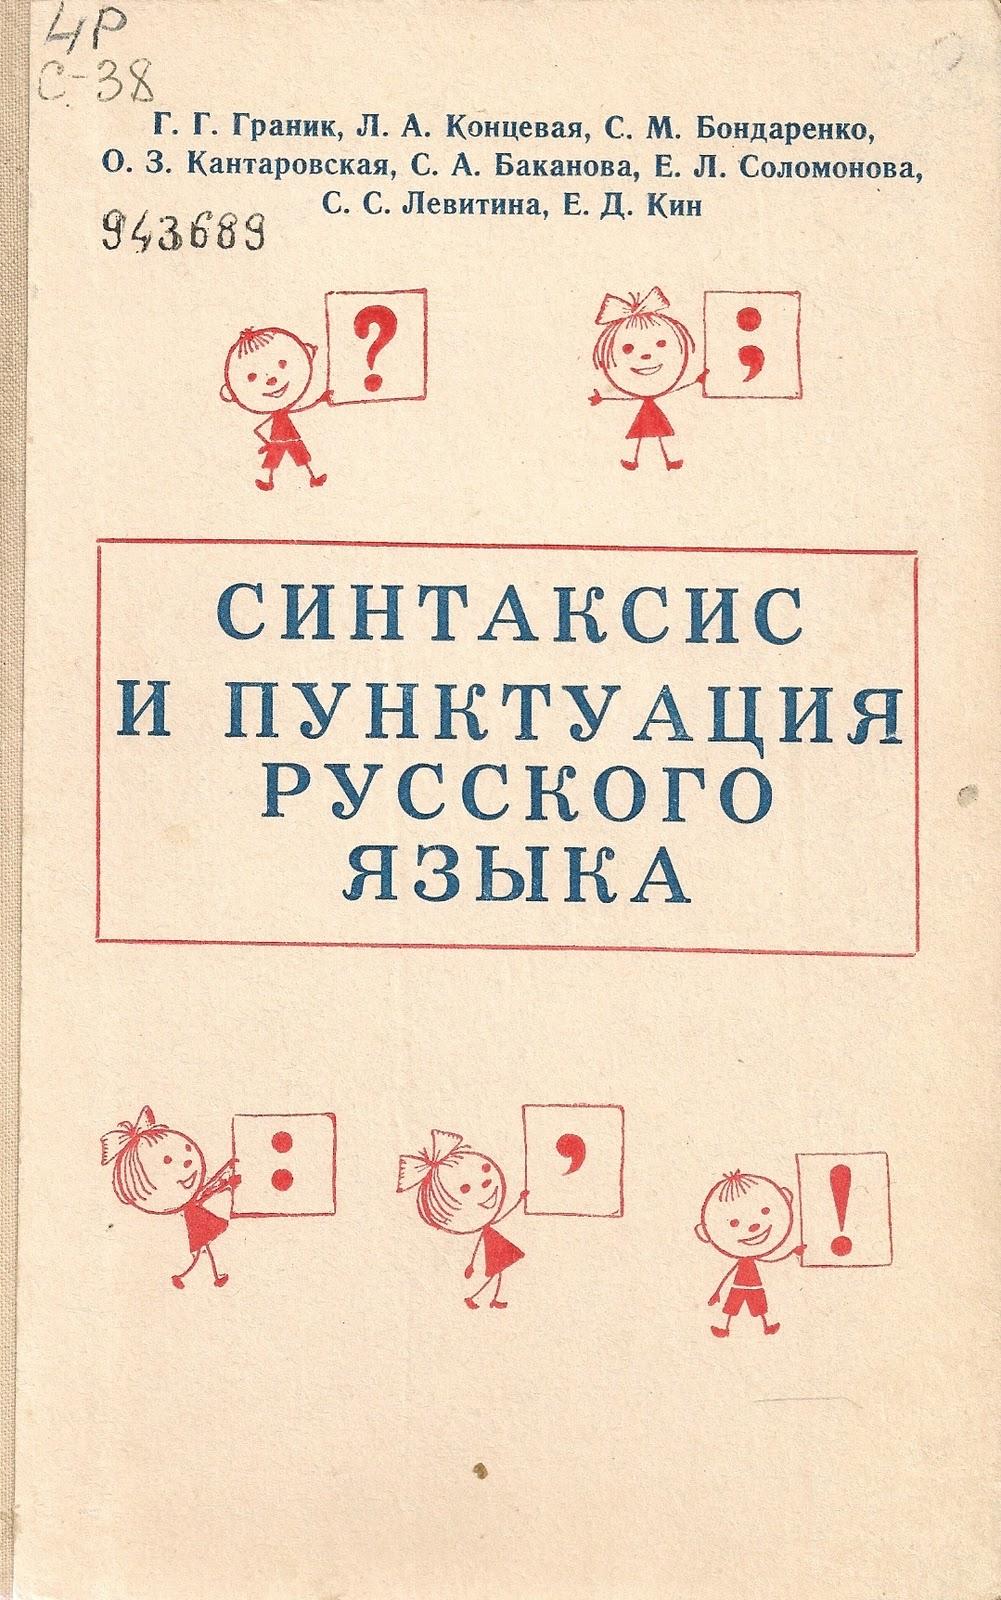 пунктуация власенков синтаксис гдз по 10-11 и языку русскому класс